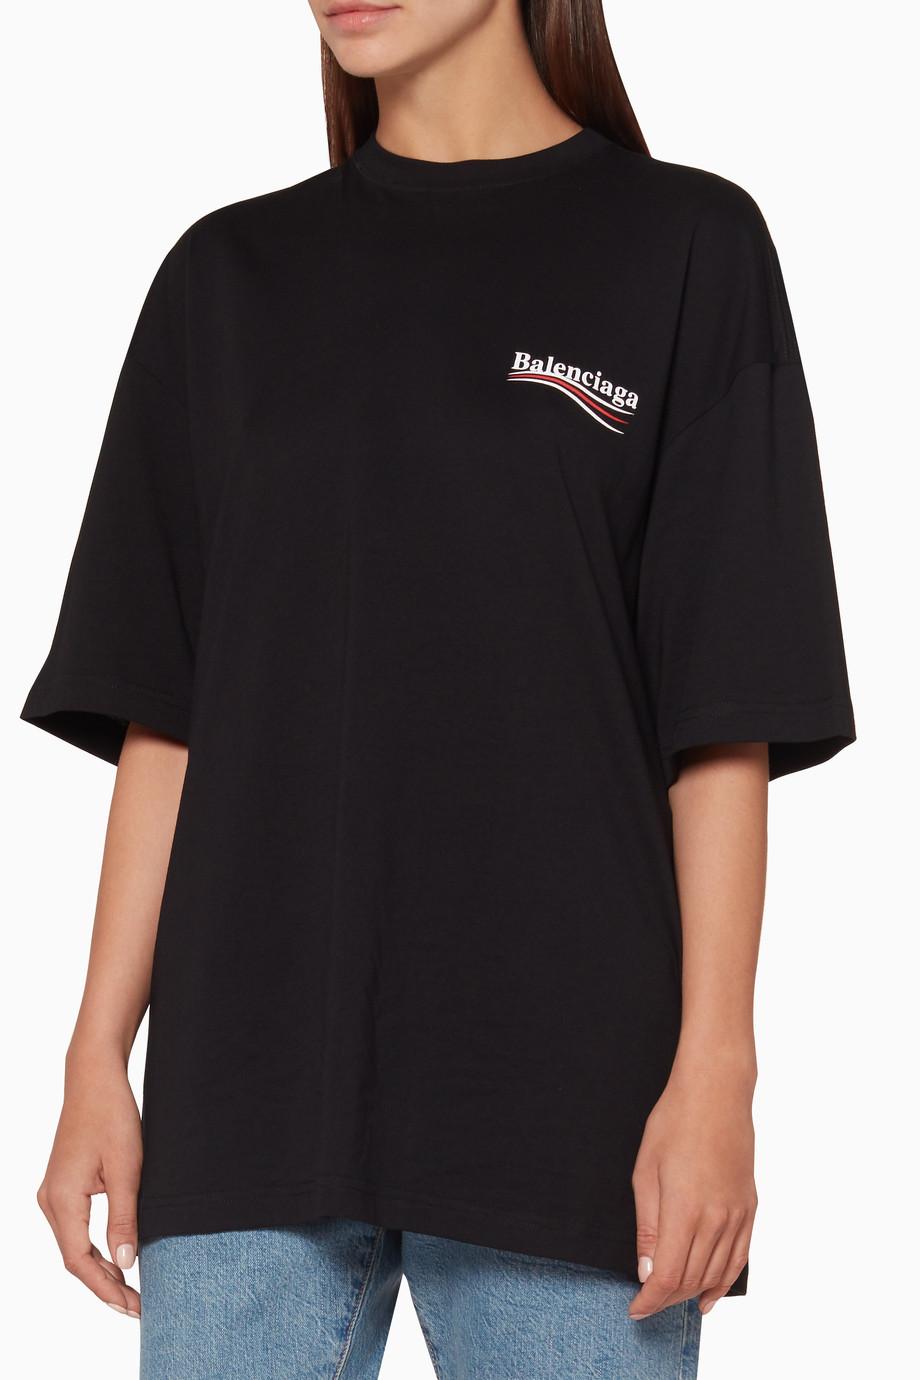 048cc24358e2 Shop Balenciaga Black Black Political Logo Oversized T-Shirt for ...